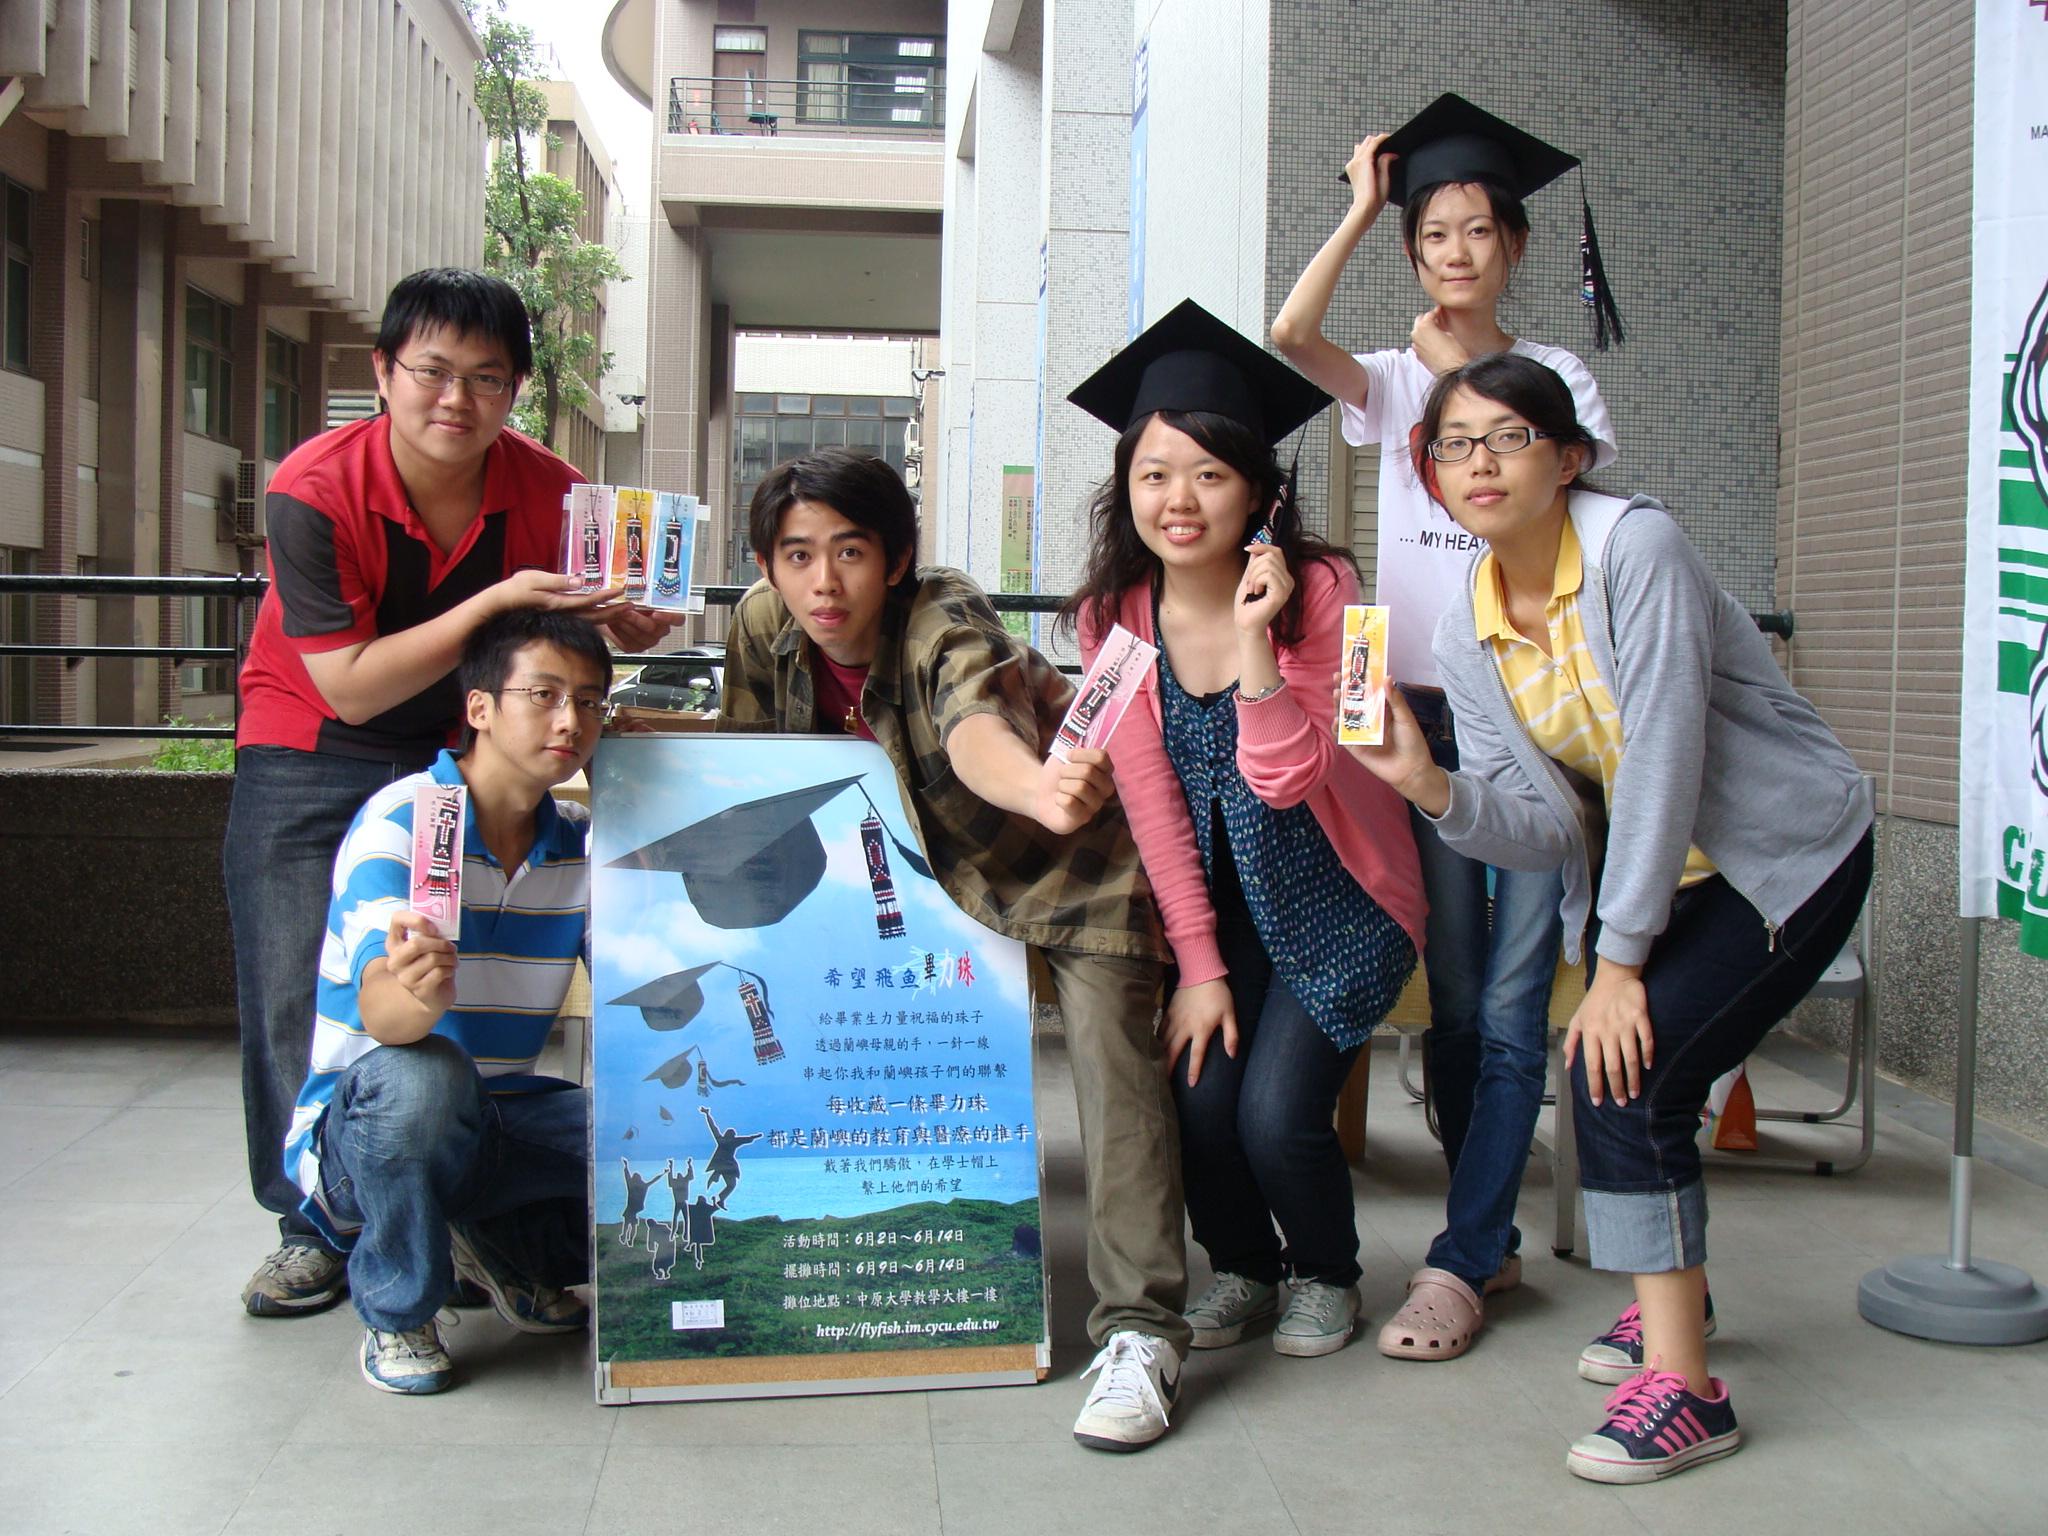 中原大學不一樣的畢業典禮-希望飛魚‧畢業撥穗